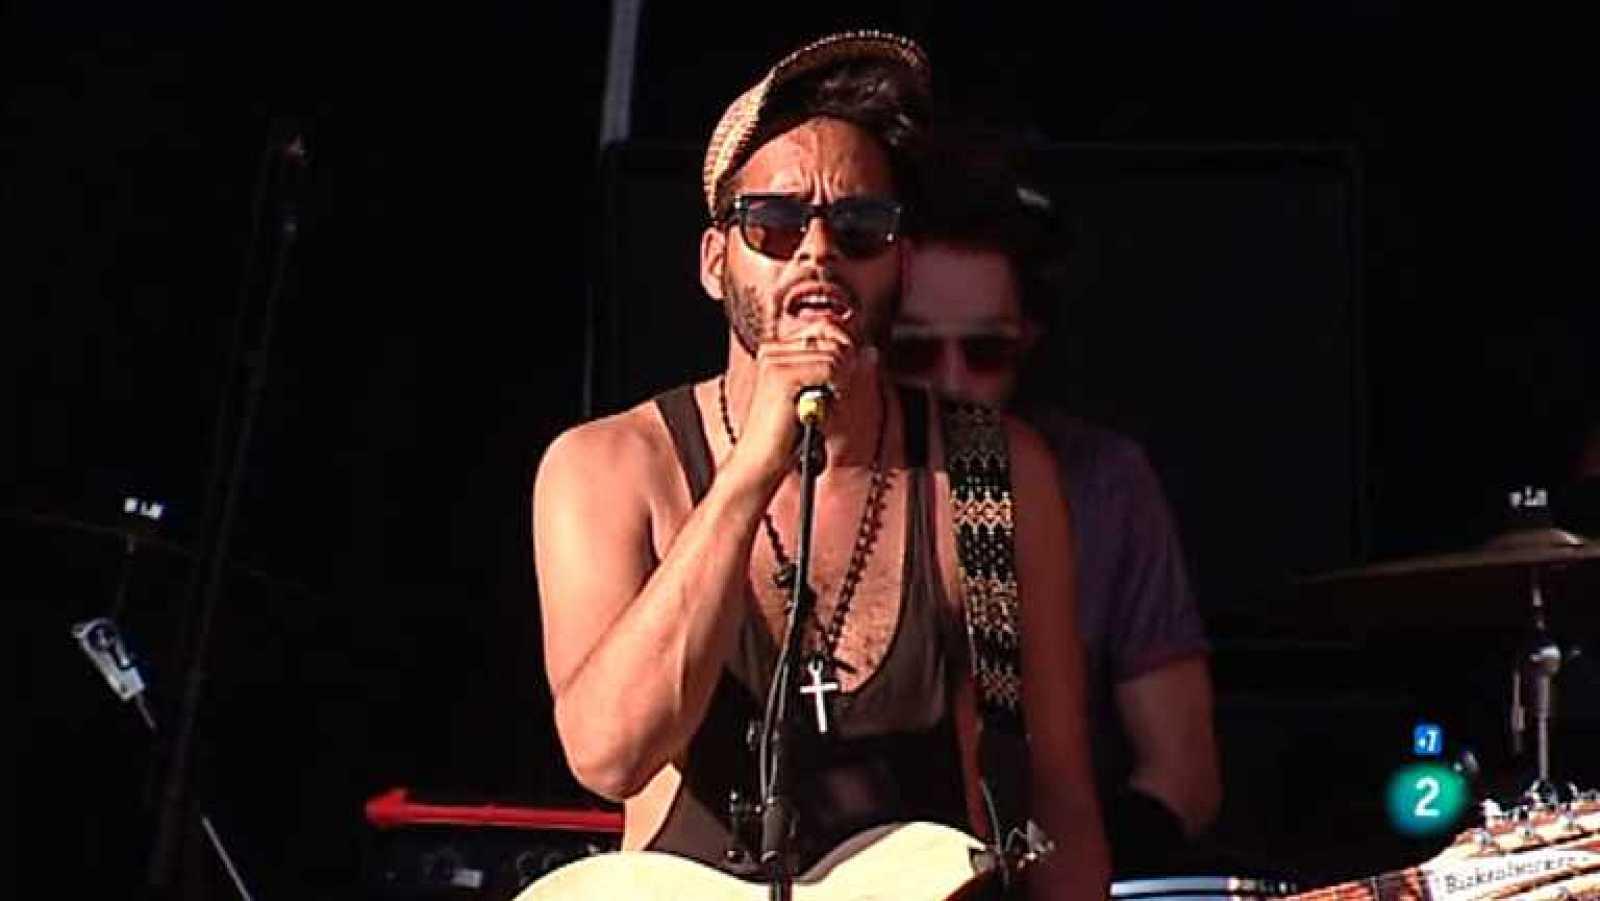 Festivales de verano - Día de la Música: Twin Shadow, James Blake - ver ahora